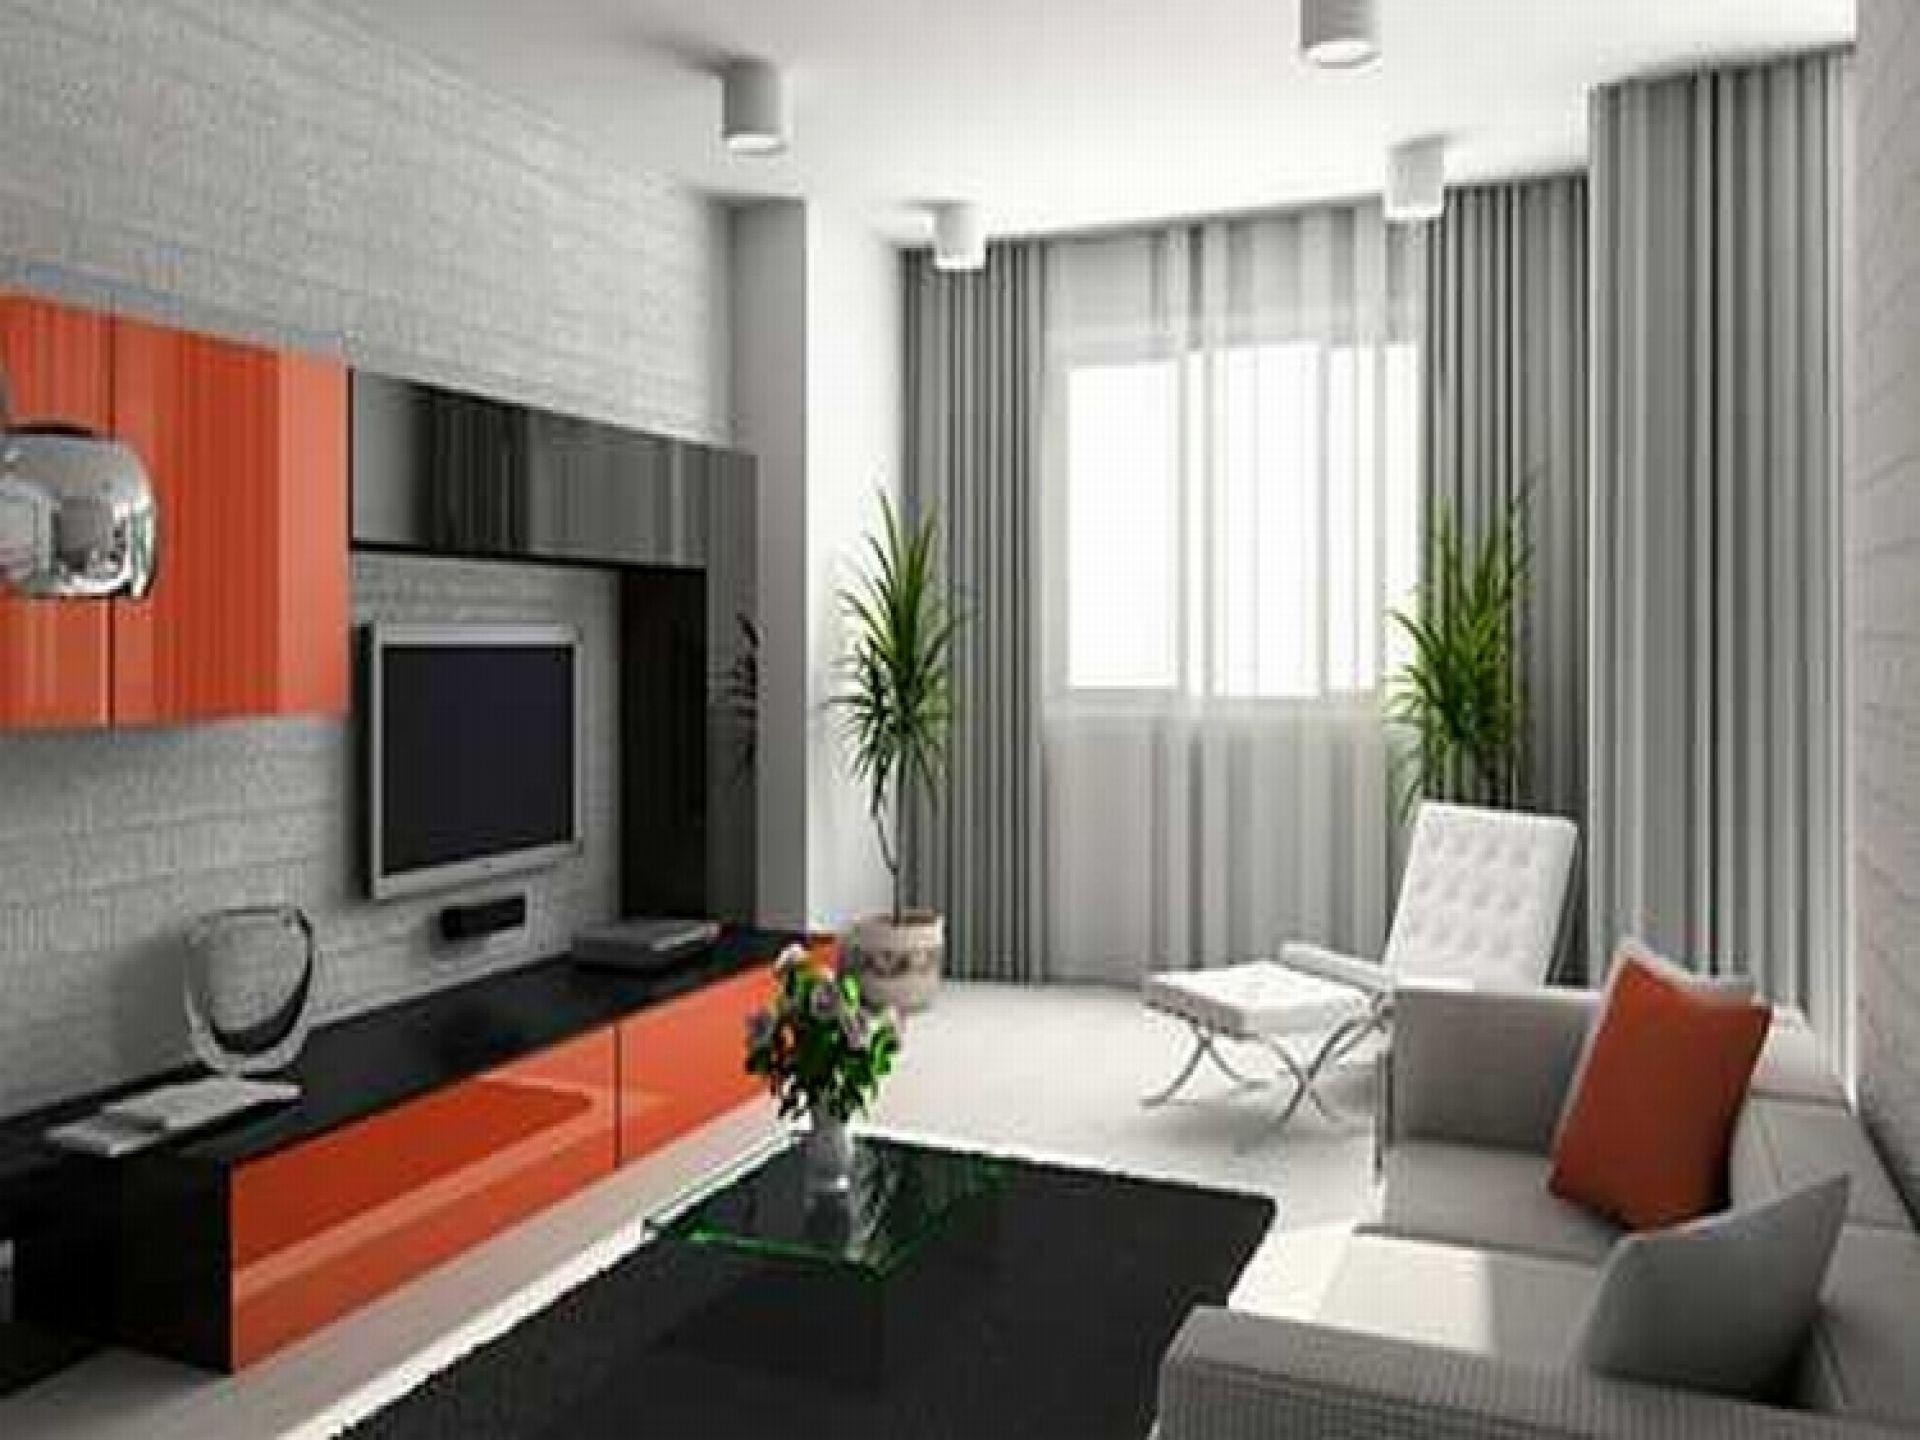 Wohnzimmer Wand Dekor: Neue Dekoration für Ihr Wohnzimmer ...